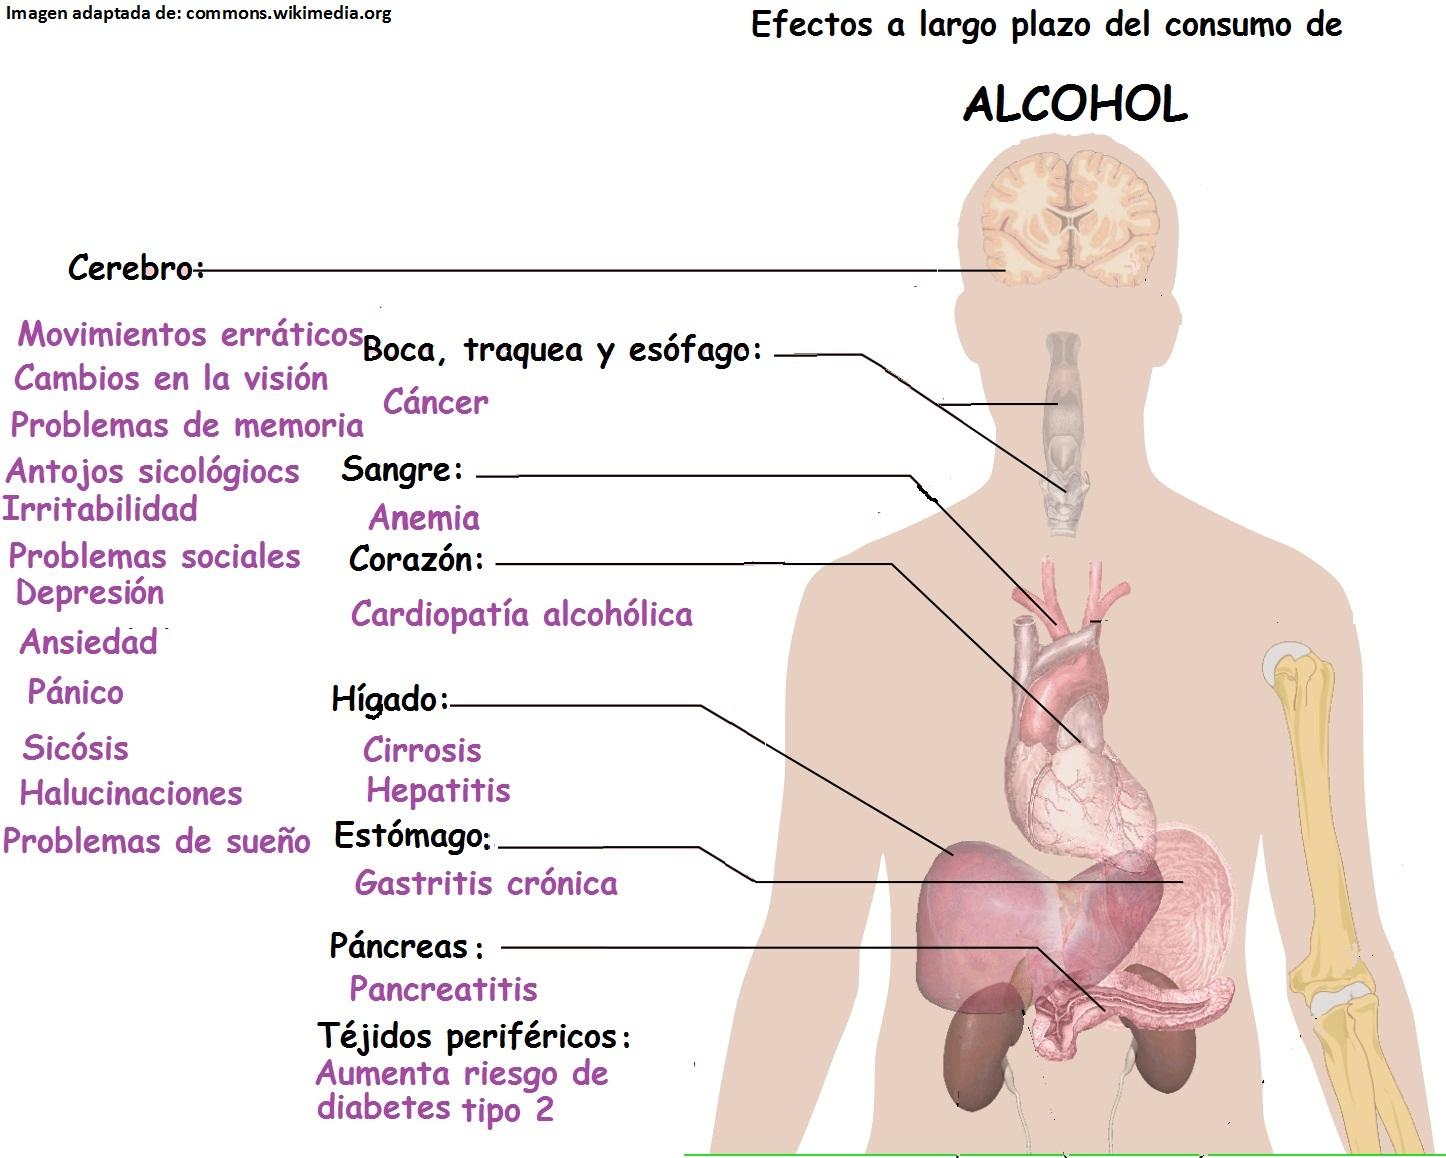 Los síntomas de la degradación de la persona al alcoholismo